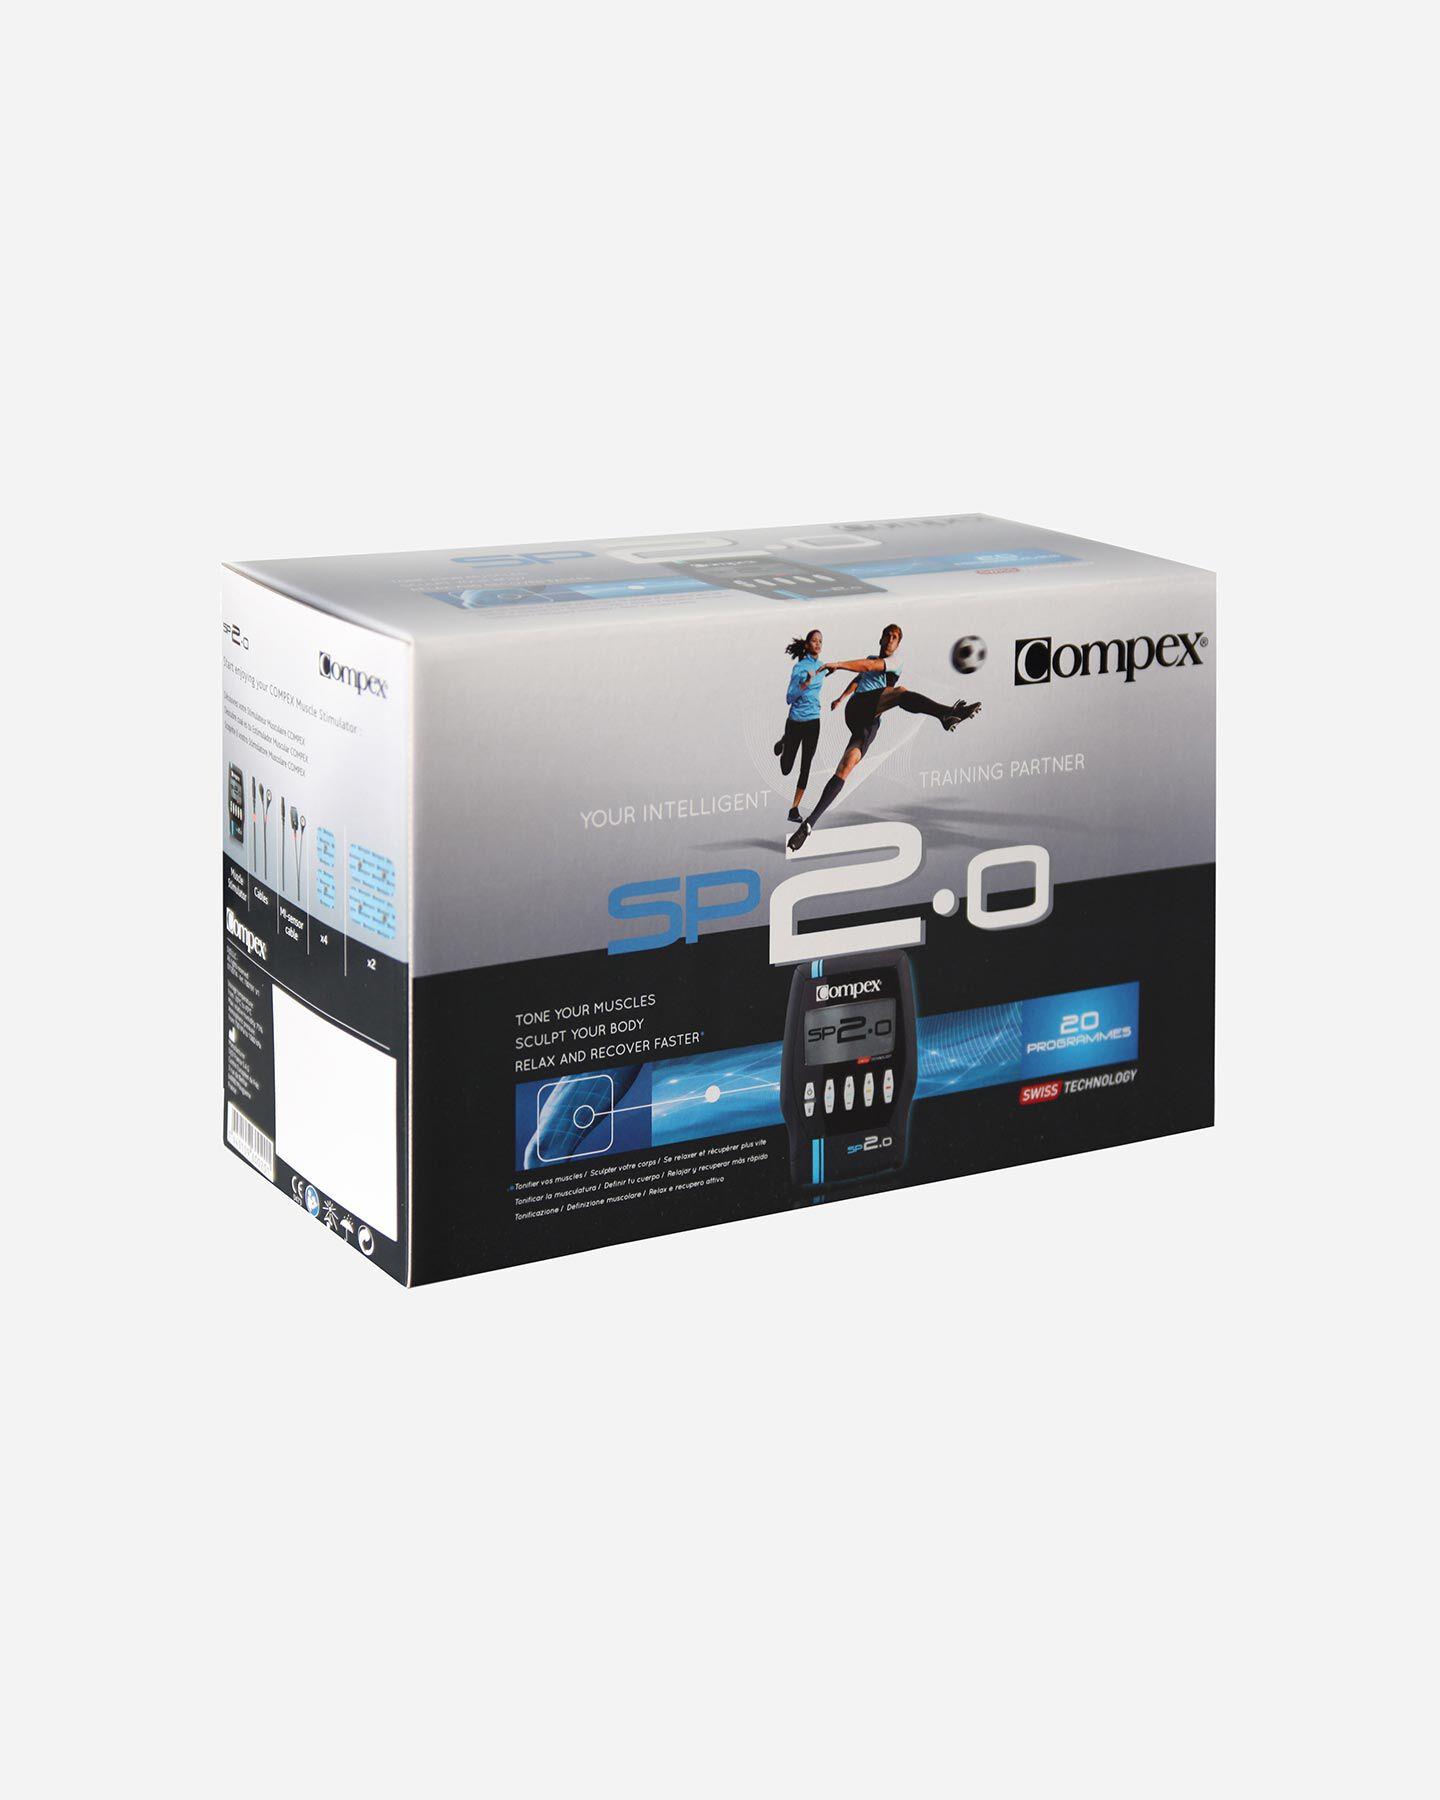 Elettrostimolatore COMPEX SP 2.0 S1296247 1 UNI scatto 1